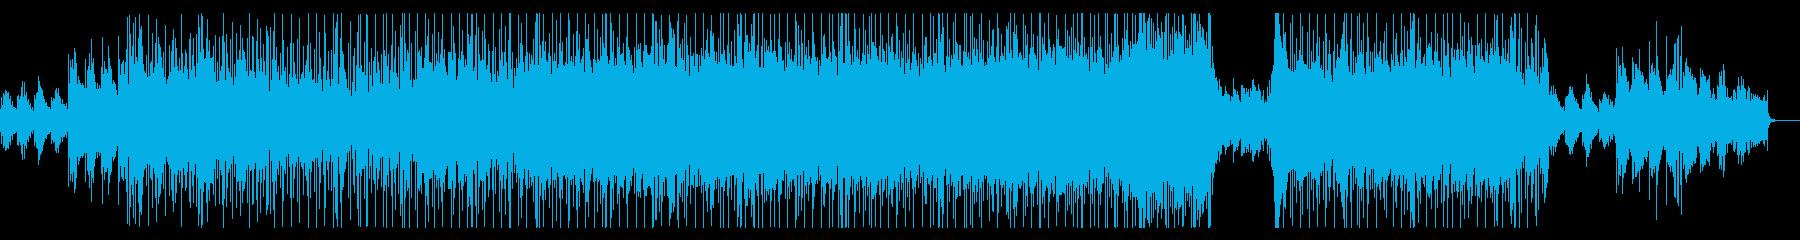 叙情的な切ないロックの再生済みの波形